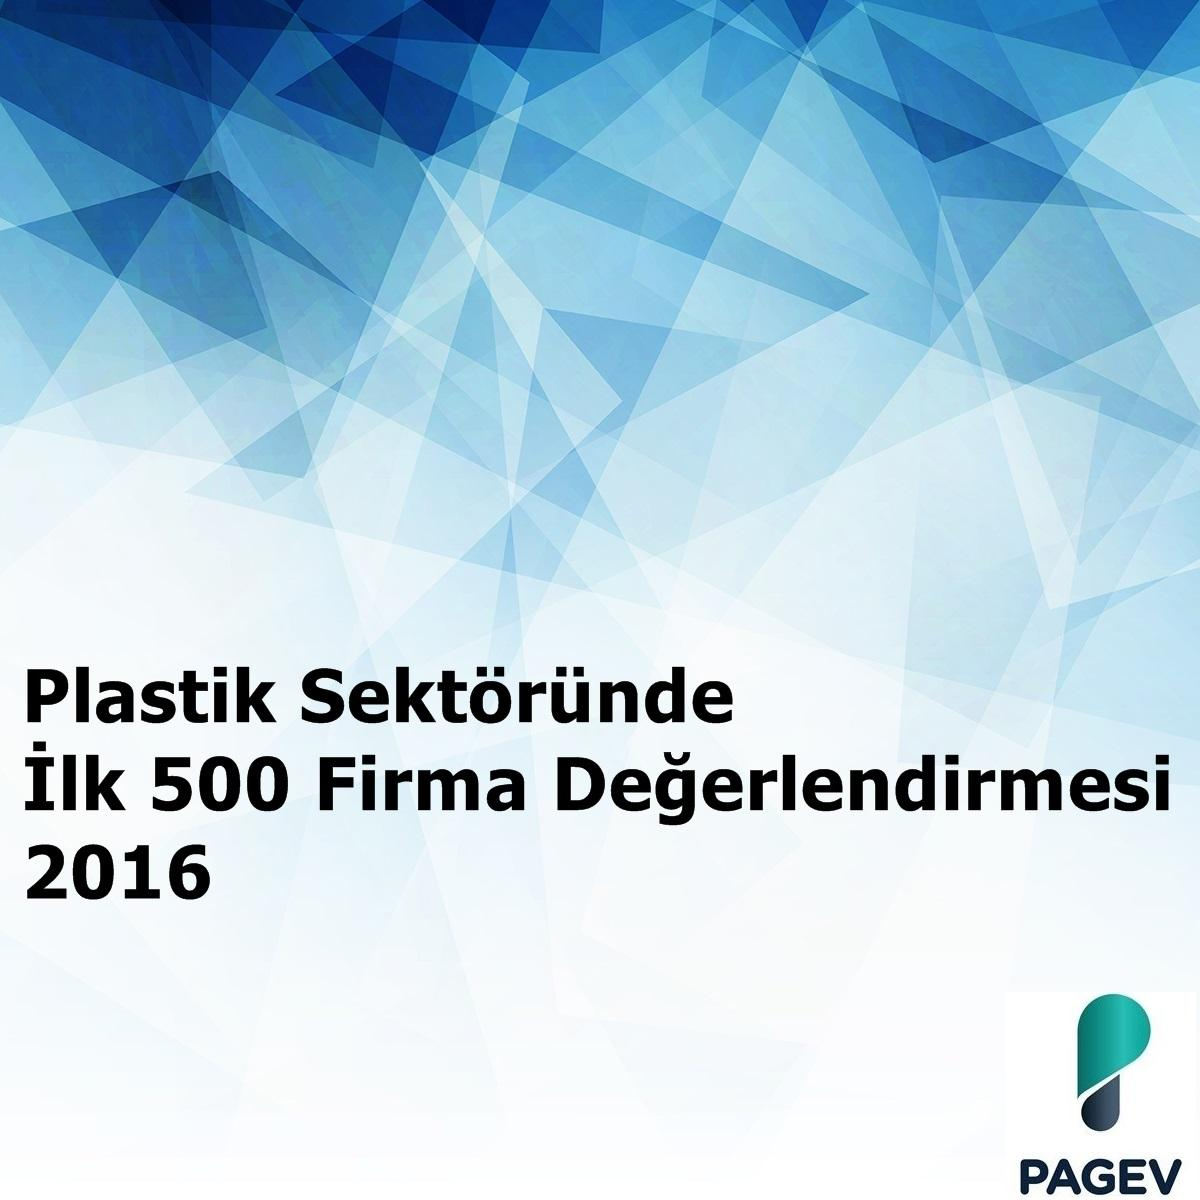 Plastik Sektöründe İlk 500 Firma Değerlendirmesi - 2016